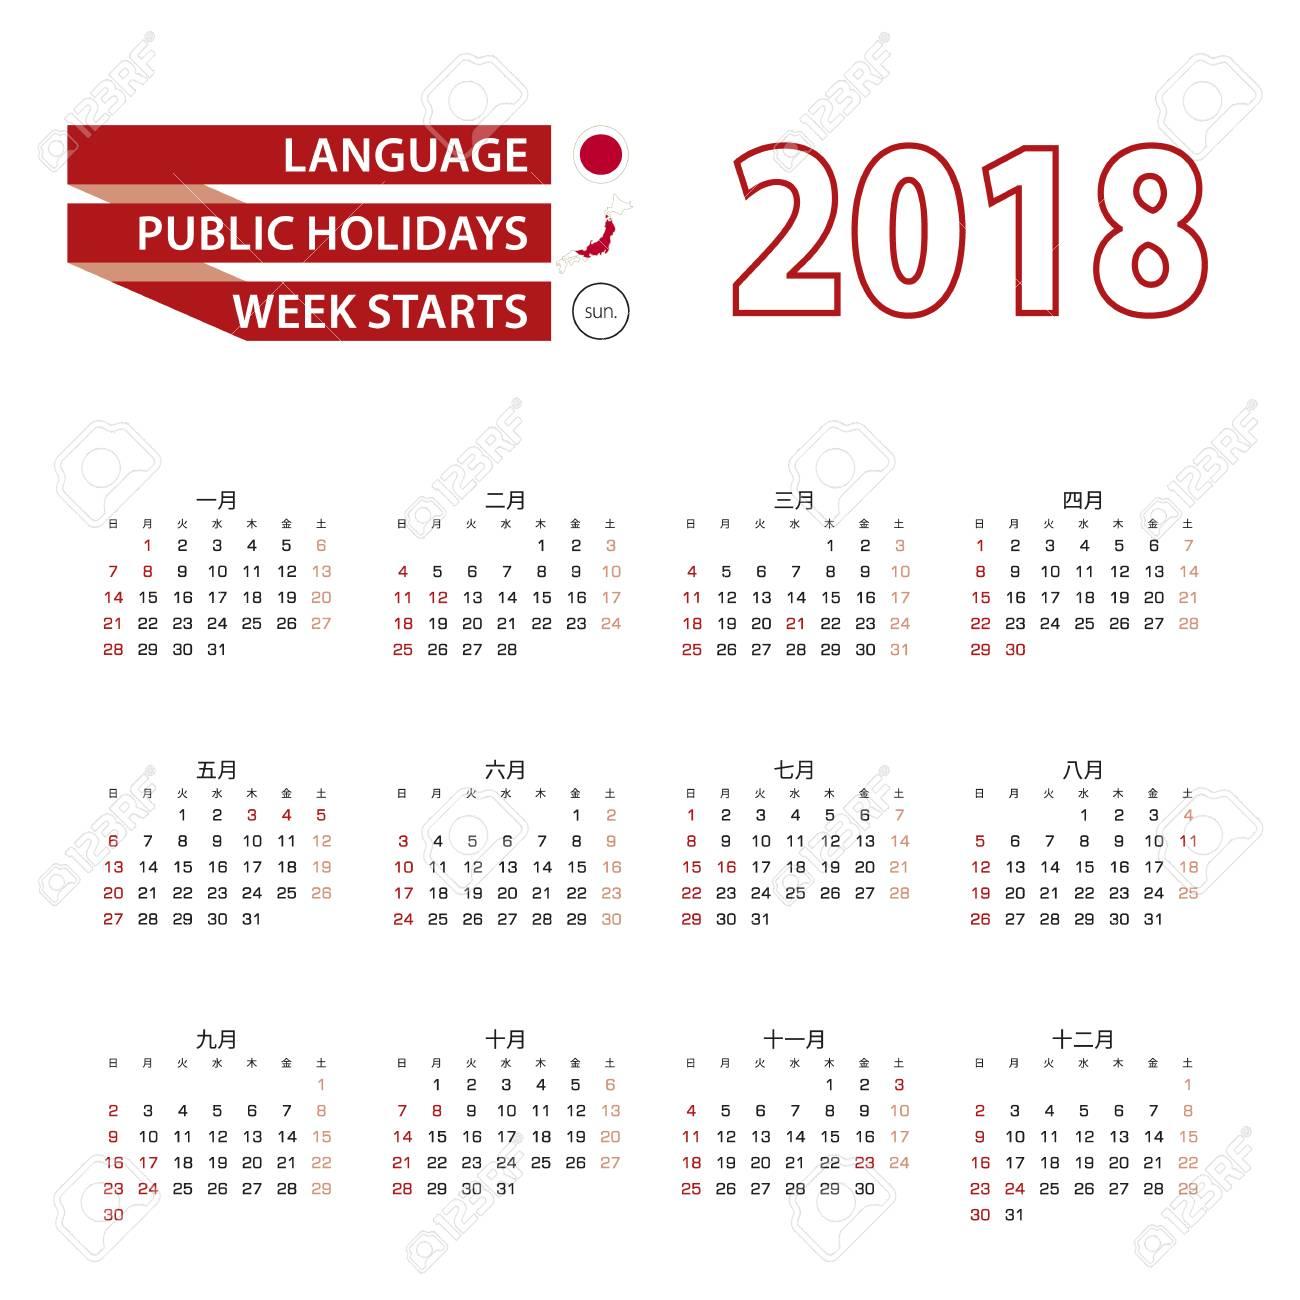 Calendario Japones.Calendario 2018 En Idioma Japones Con Festivos El Pais De Japon En El Ano 2018 La Semana Comienza A Partir Del Domingo Ilustracion Vectorial